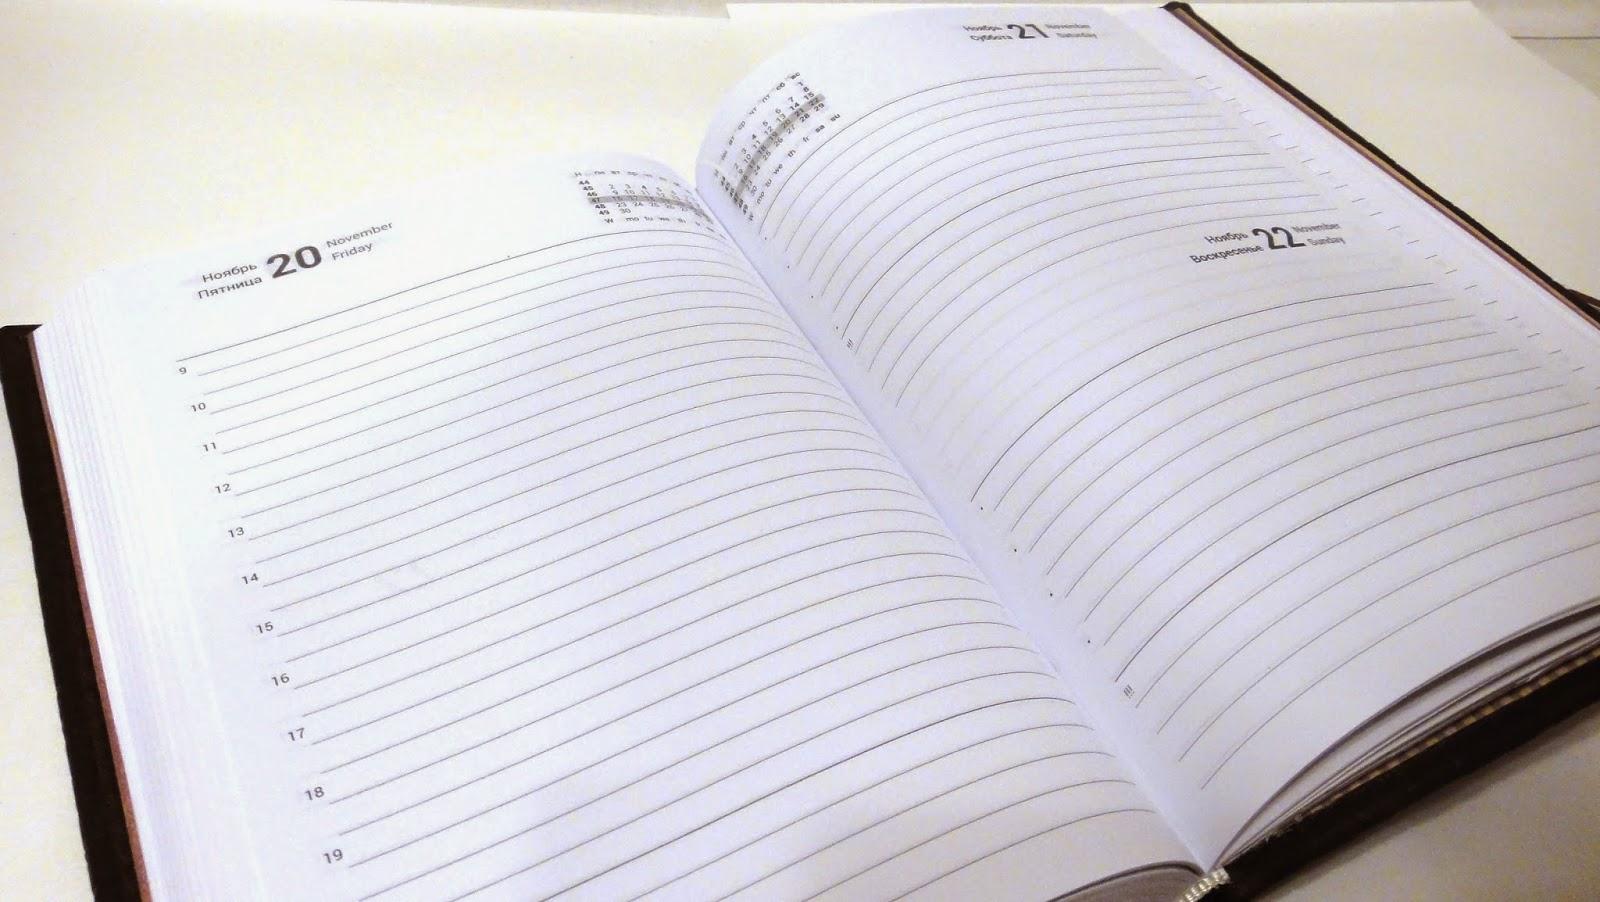 Датированный ежедневник 2015 - бизнес-ежедневники на заказ